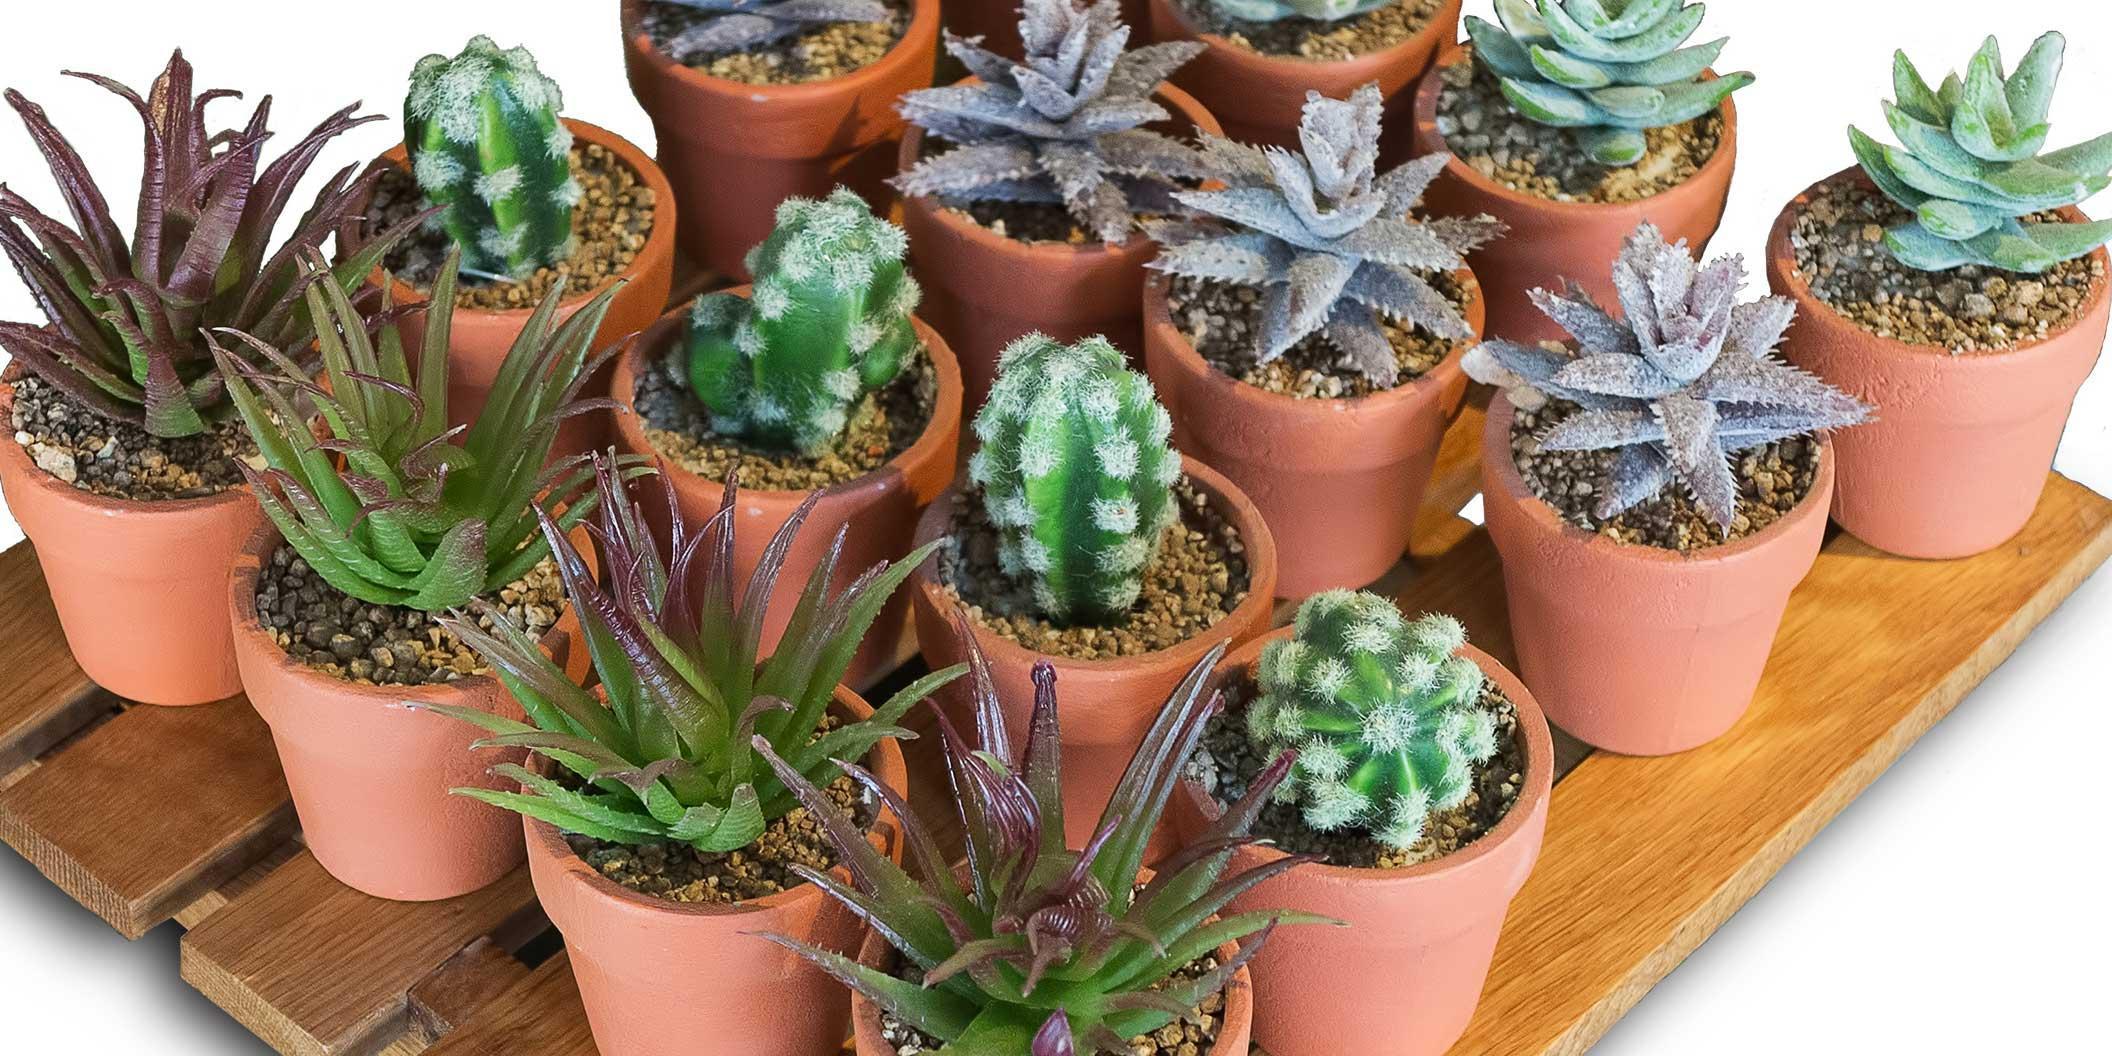 Piante Grasse Piccole Prezzi piante grasse minuscole | pcase.it news